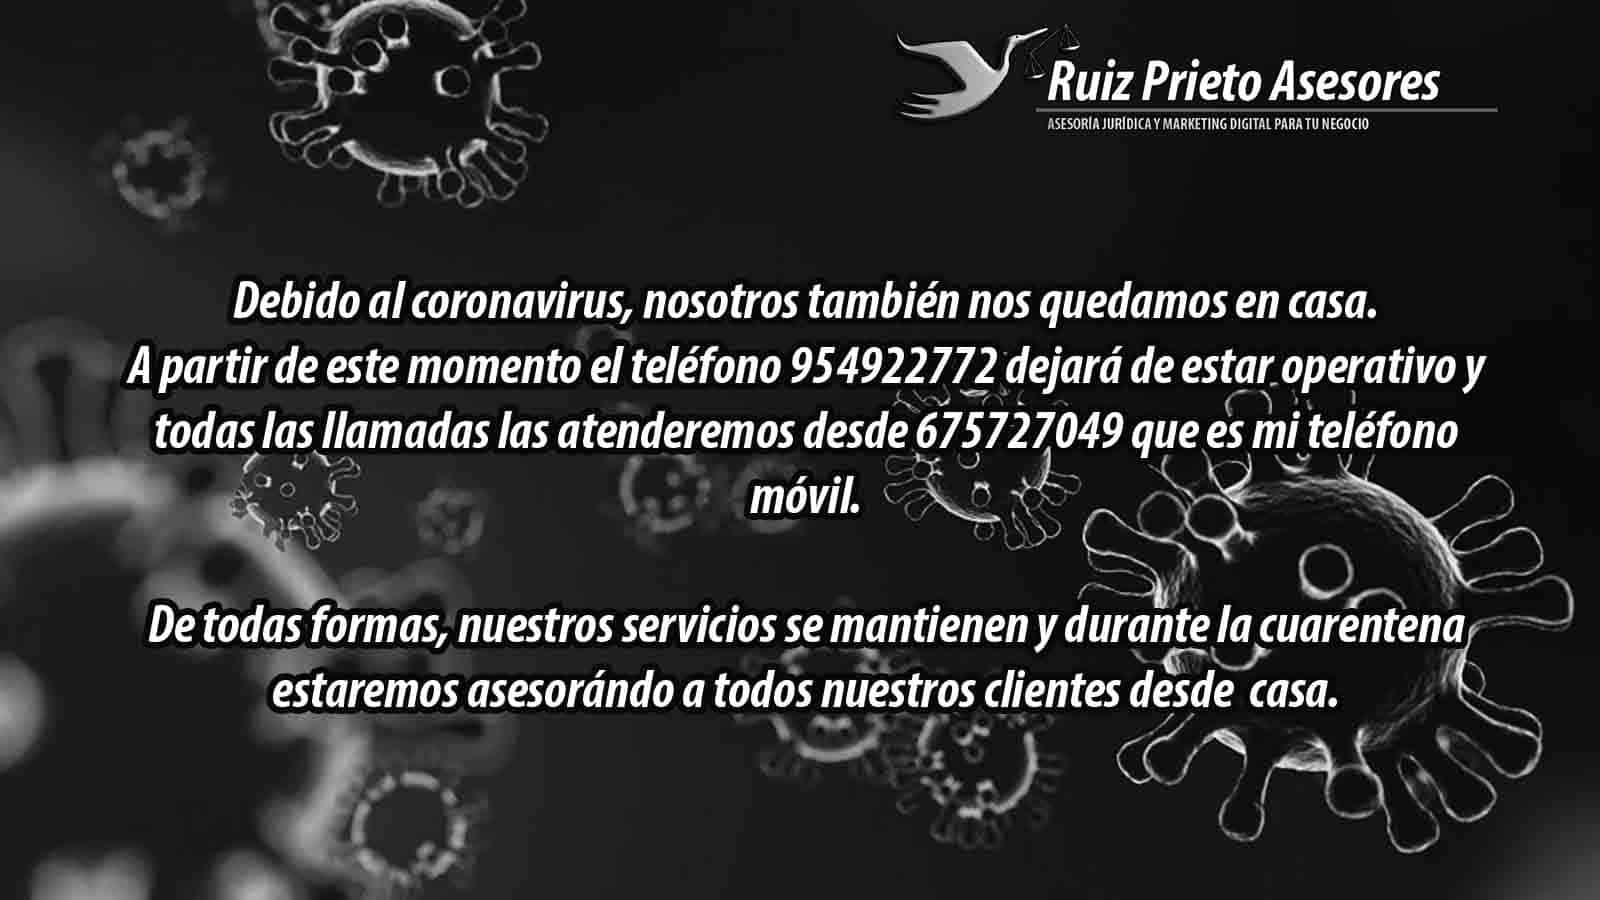 Coronavirus y servicuos de Ruiz Prieto Asesores